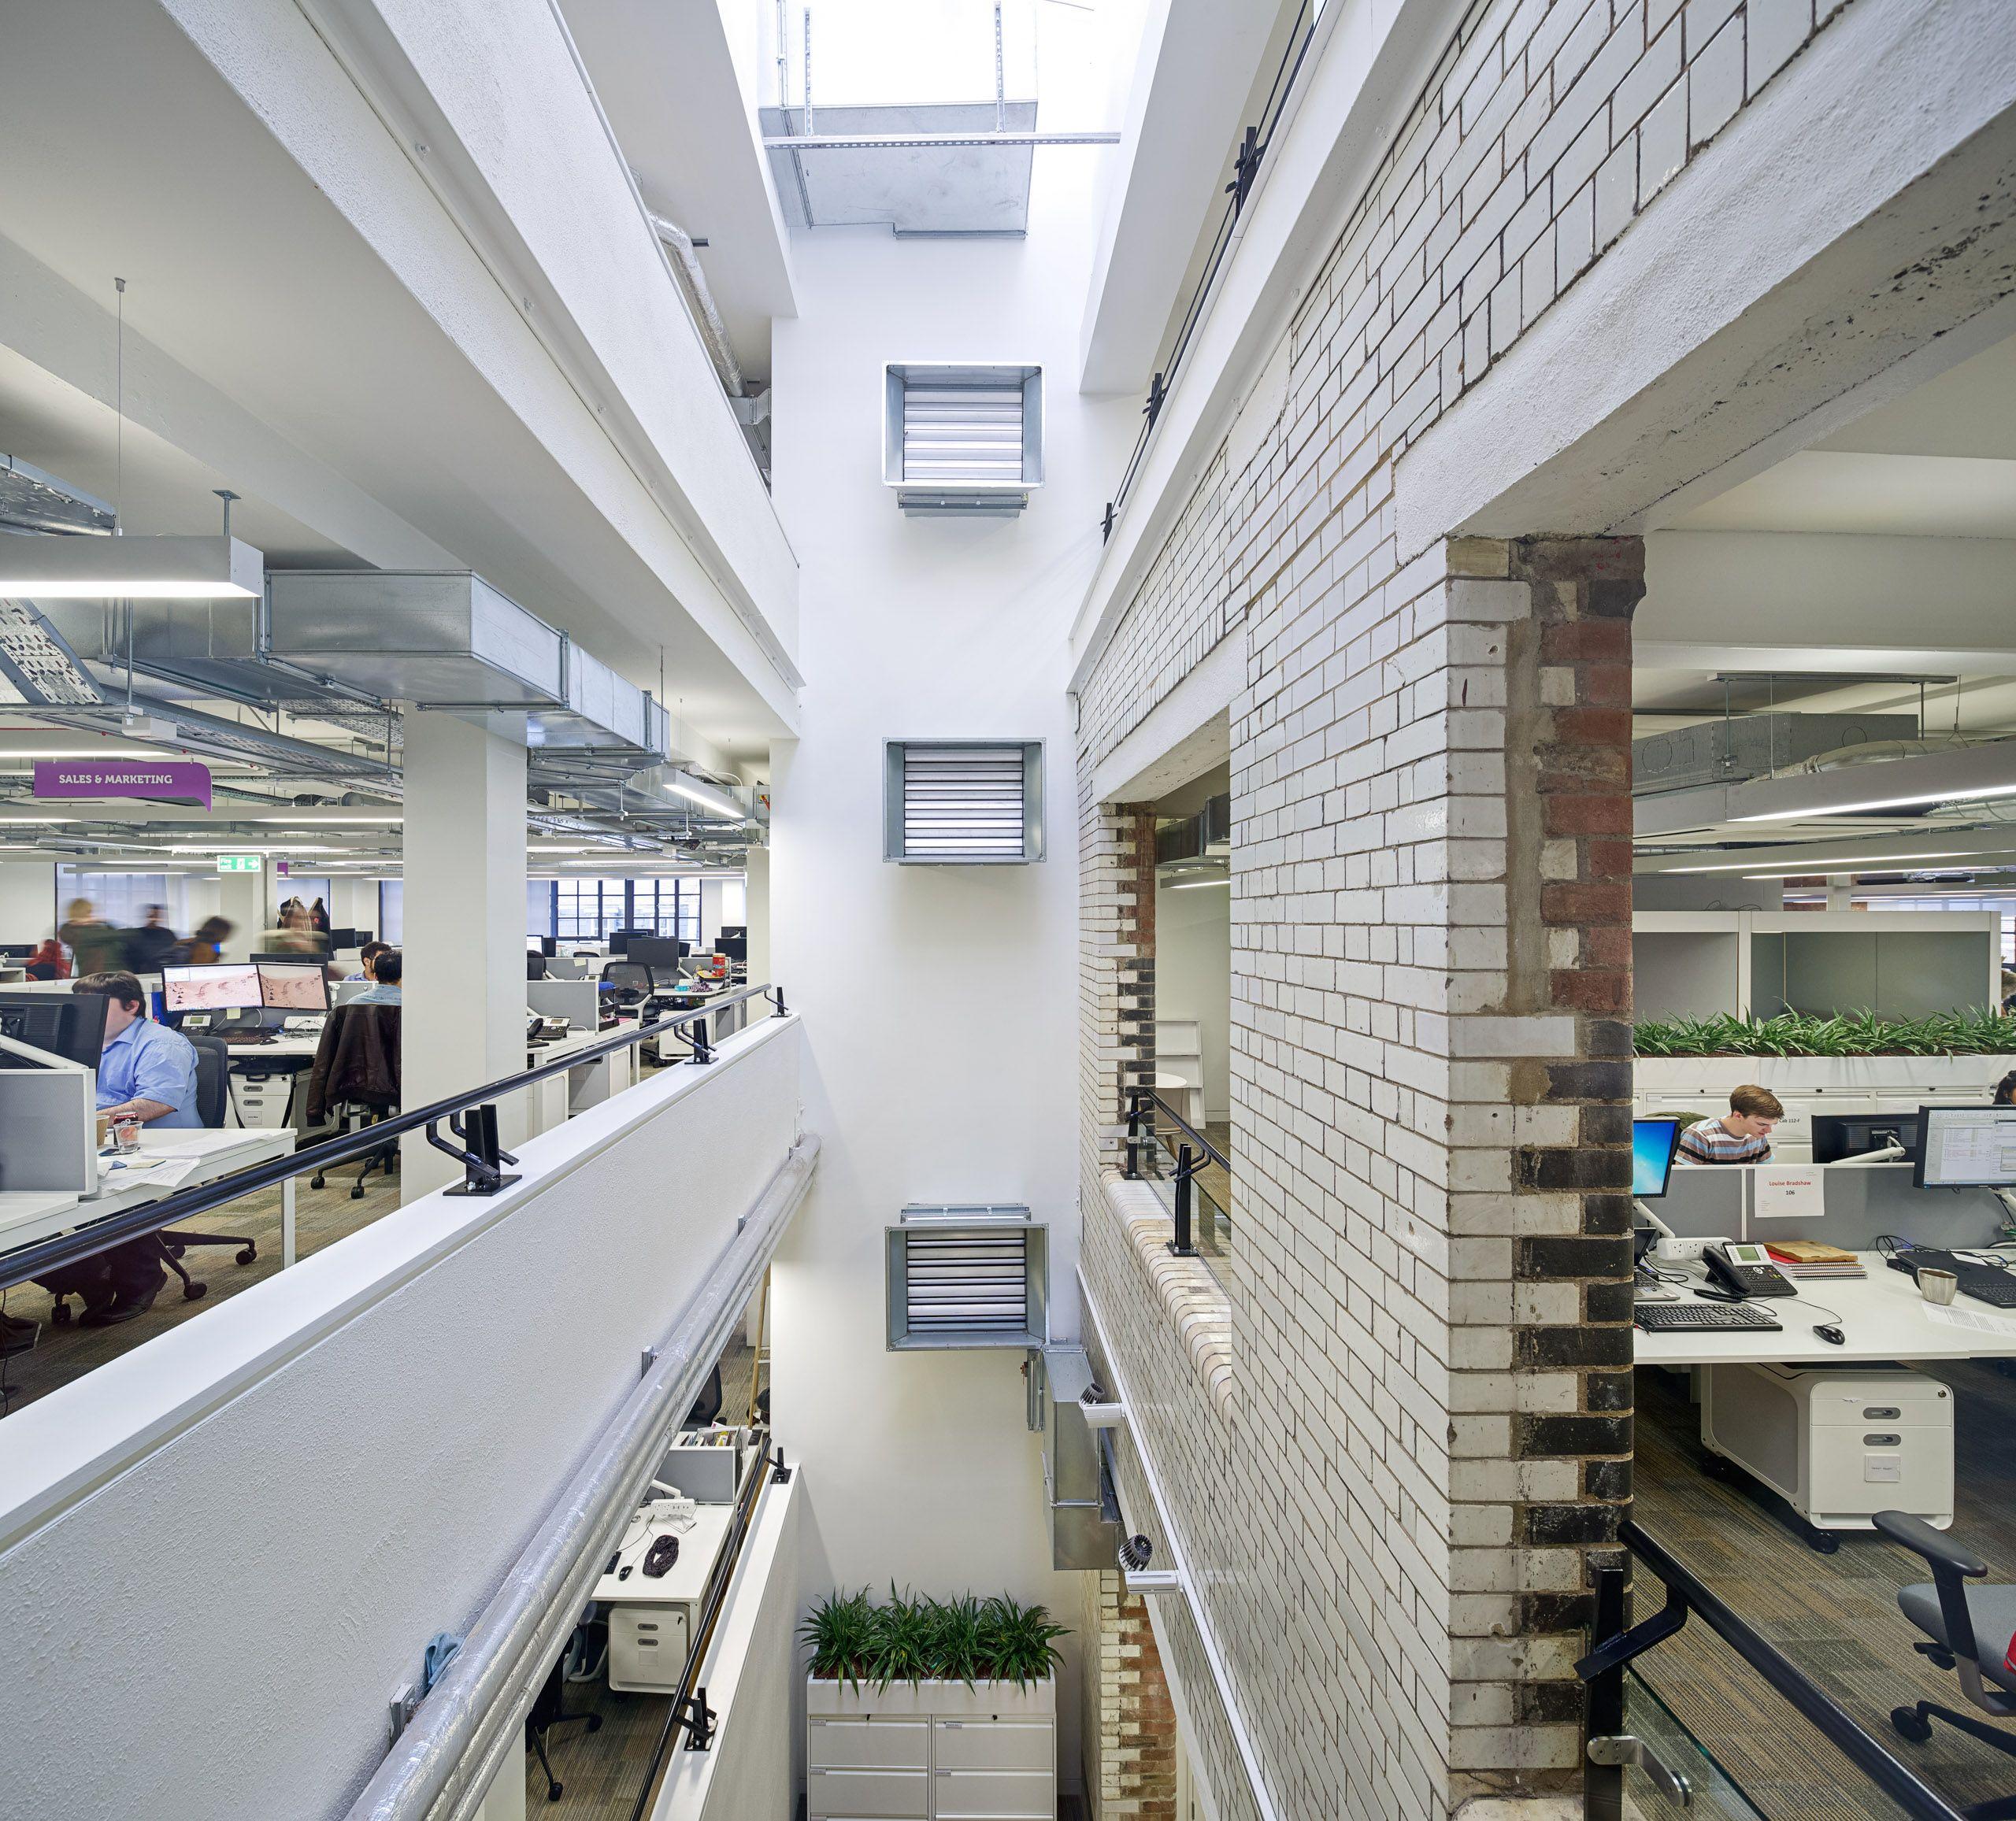 Macmillan Publishing Office